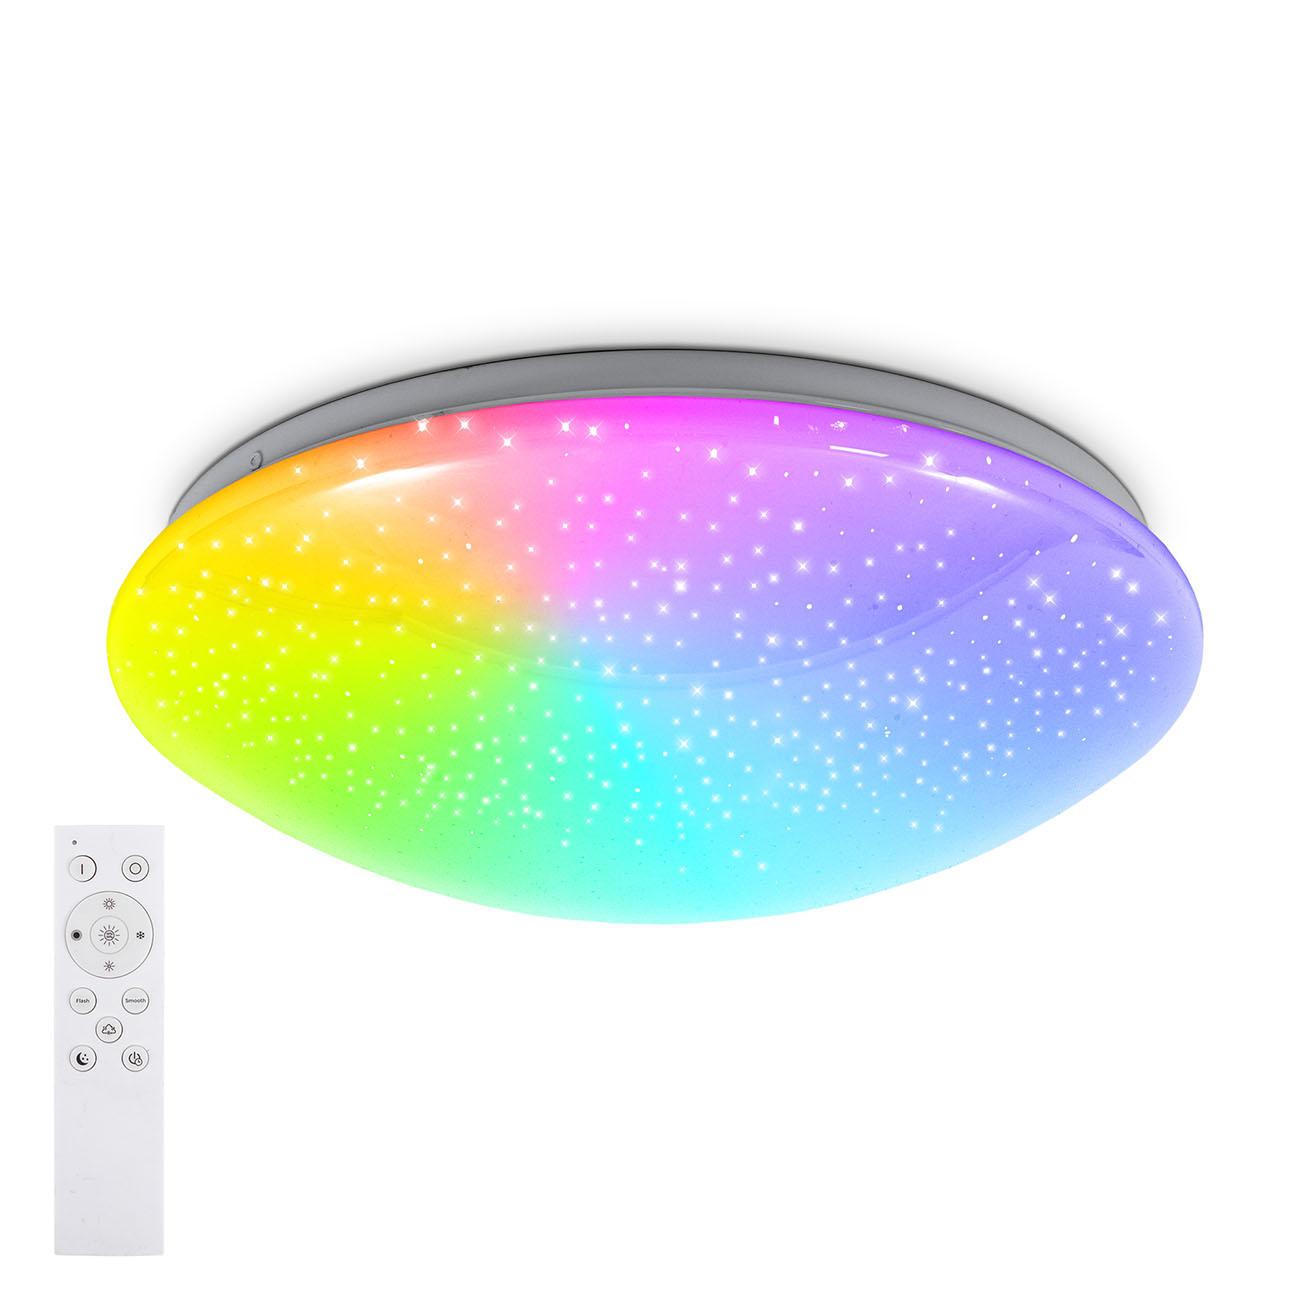 CCT RGBW LED Deckenleuchte mit Sternendekor weiß - 1